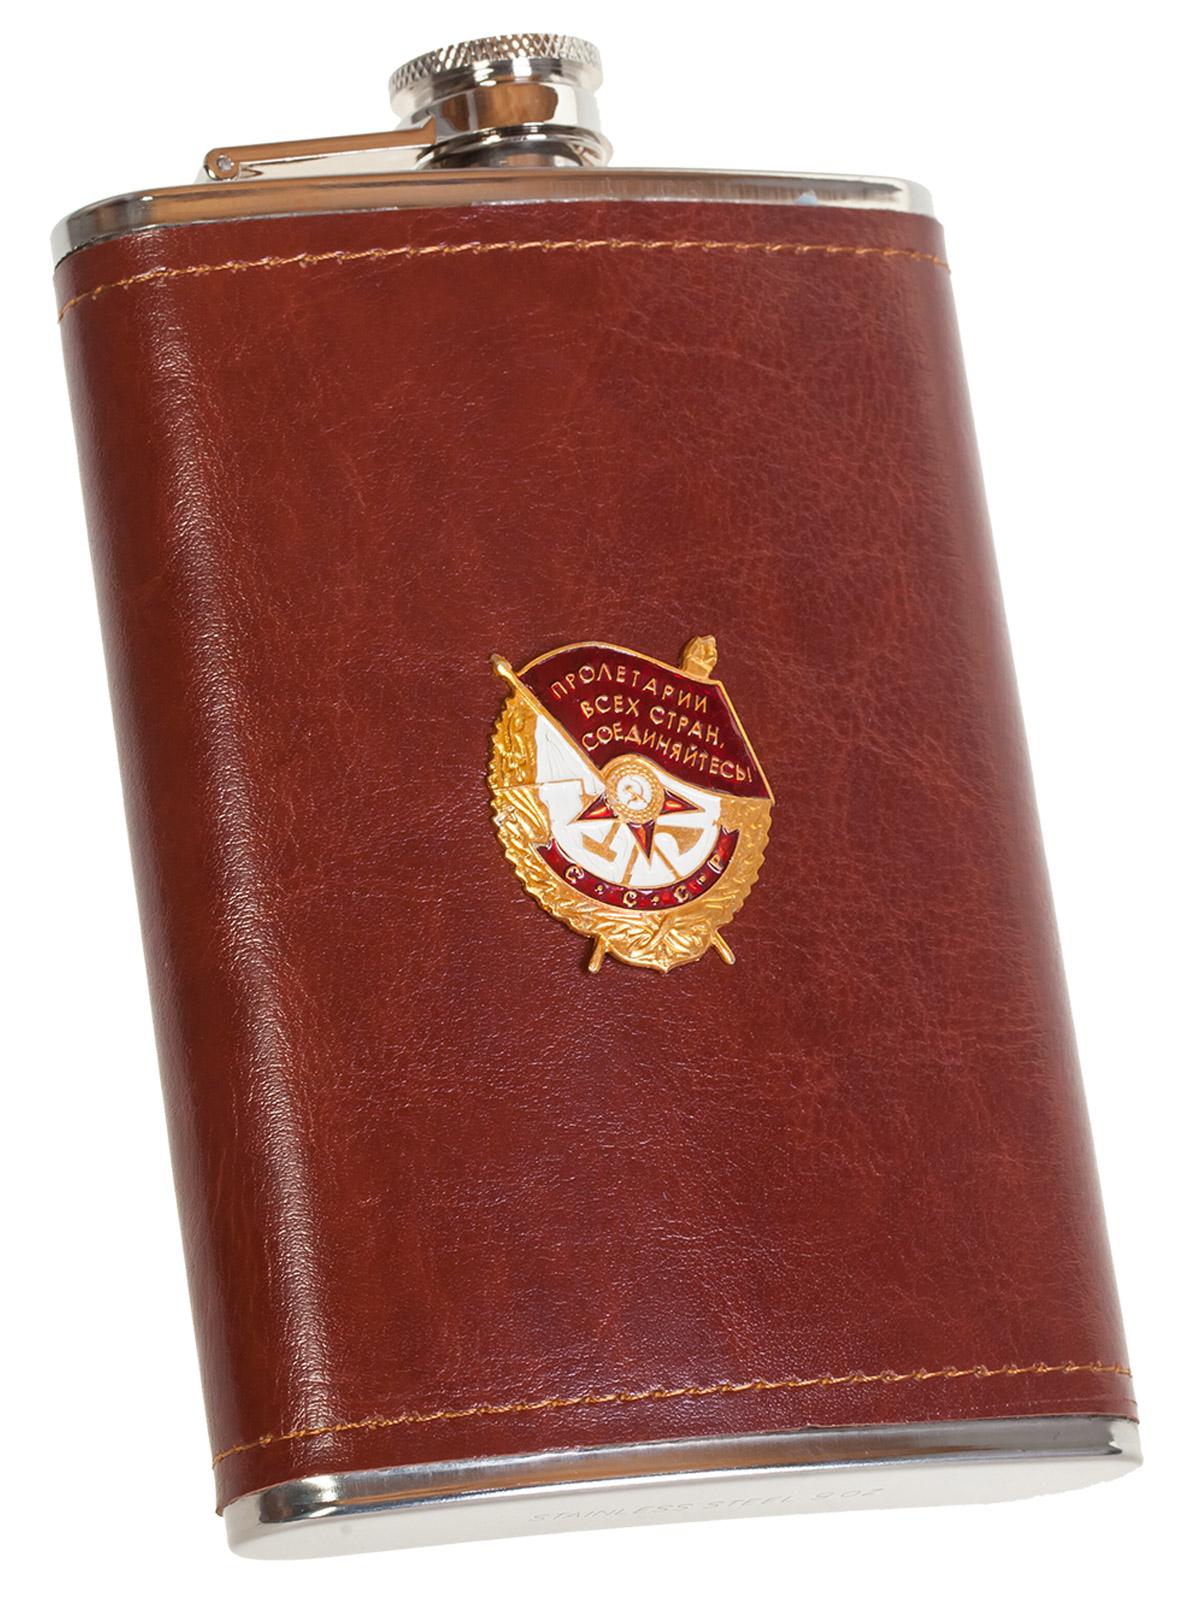 Нержавеющая фляжка в кожаной оплетке с Орденом Красного Знамени - купить в подарок